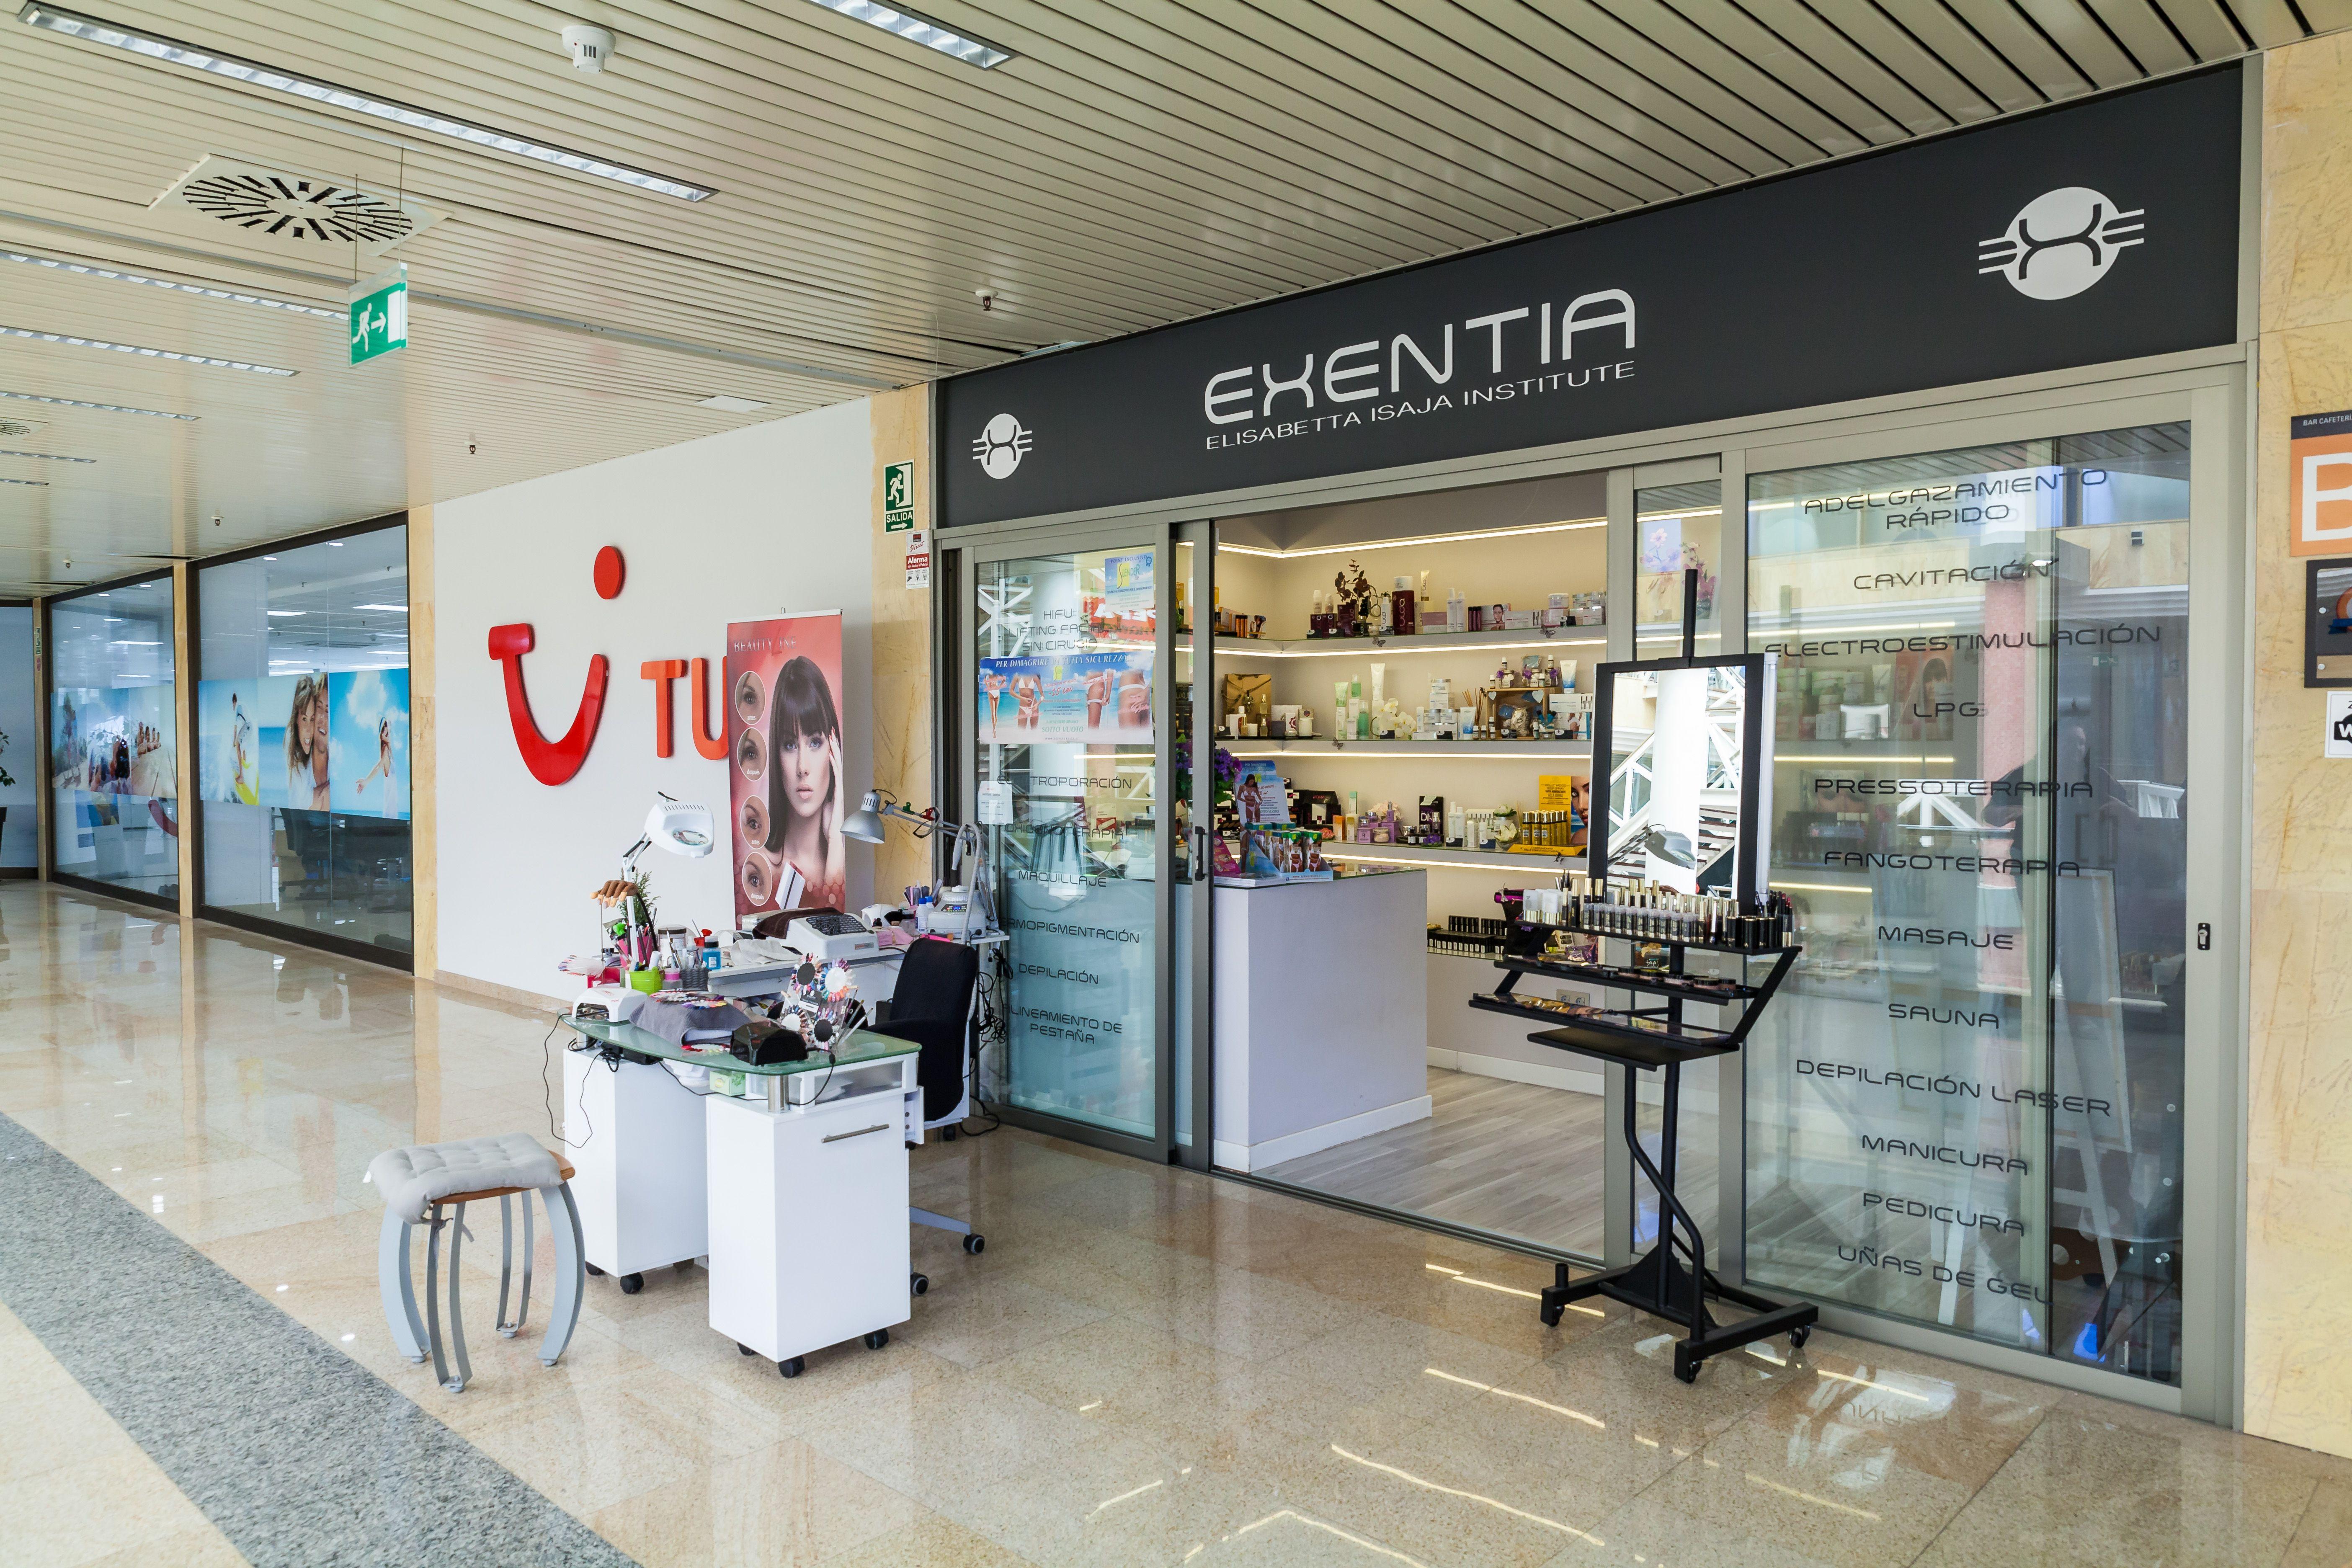 Centro de estética avanzada y peluquería Exentia en Santa Cruz de Tenerife